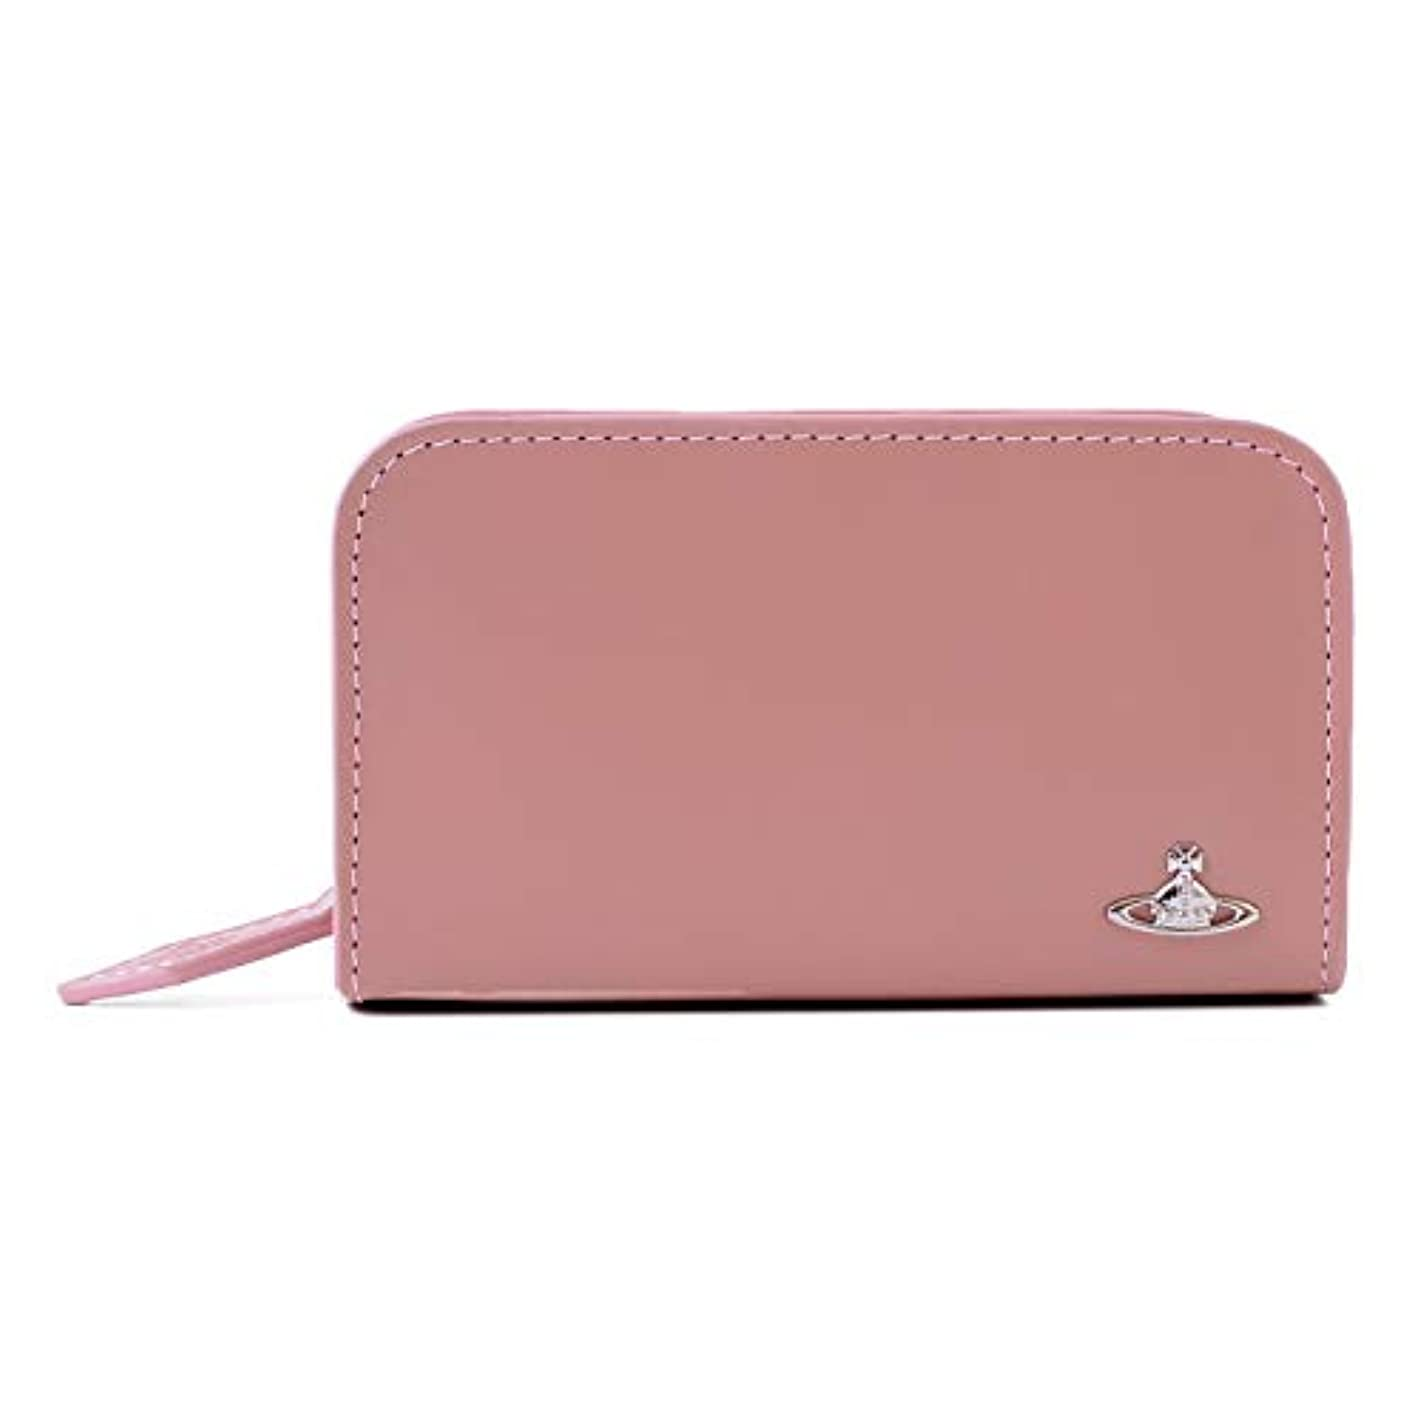 フロント潤滑する出発する[ヴィヴィアンウエストウッド] Vivienne Westwood 化粧ポーチ コスメポーチ WATER ORB 1518M1G (ピンク)